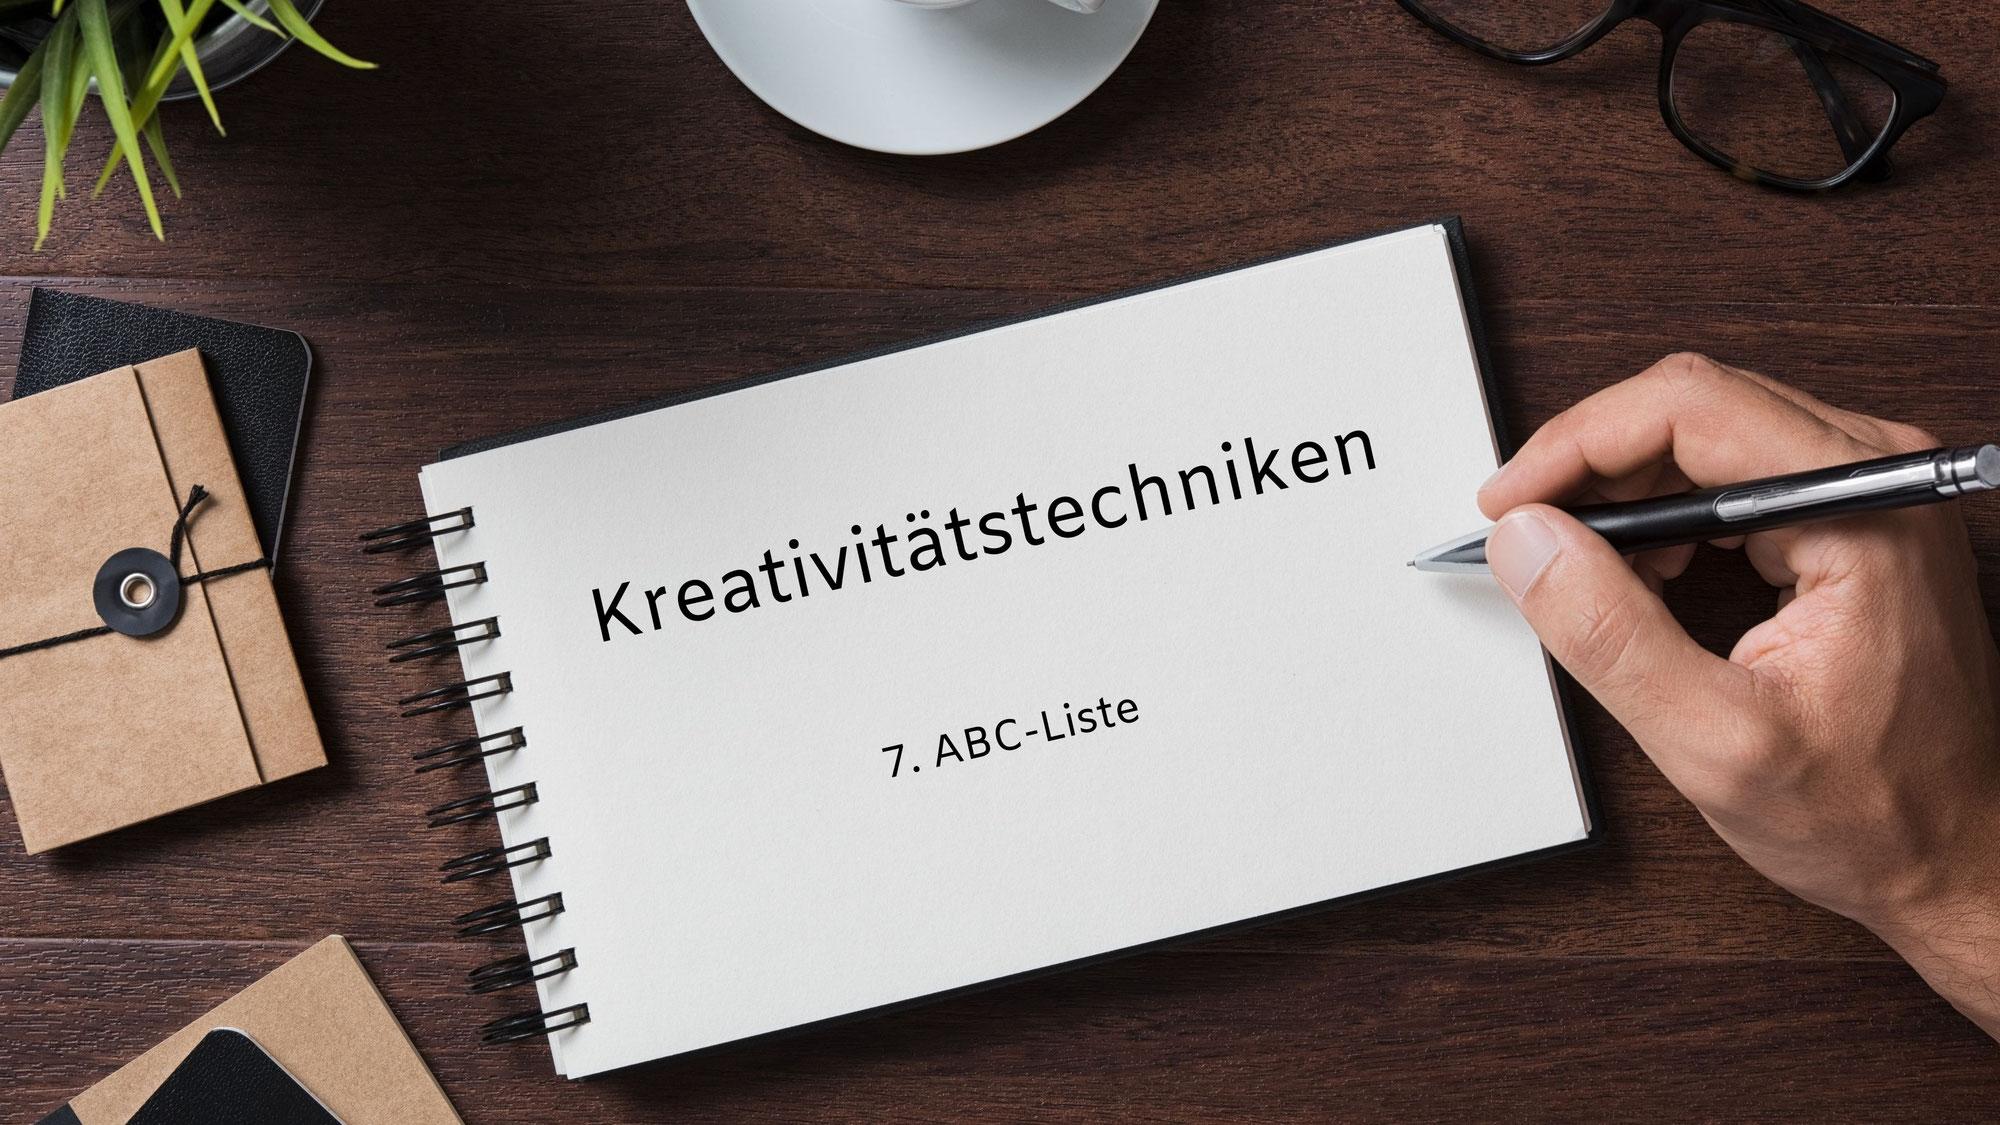 Kreativitätstechniken 7.  ABC-Liste